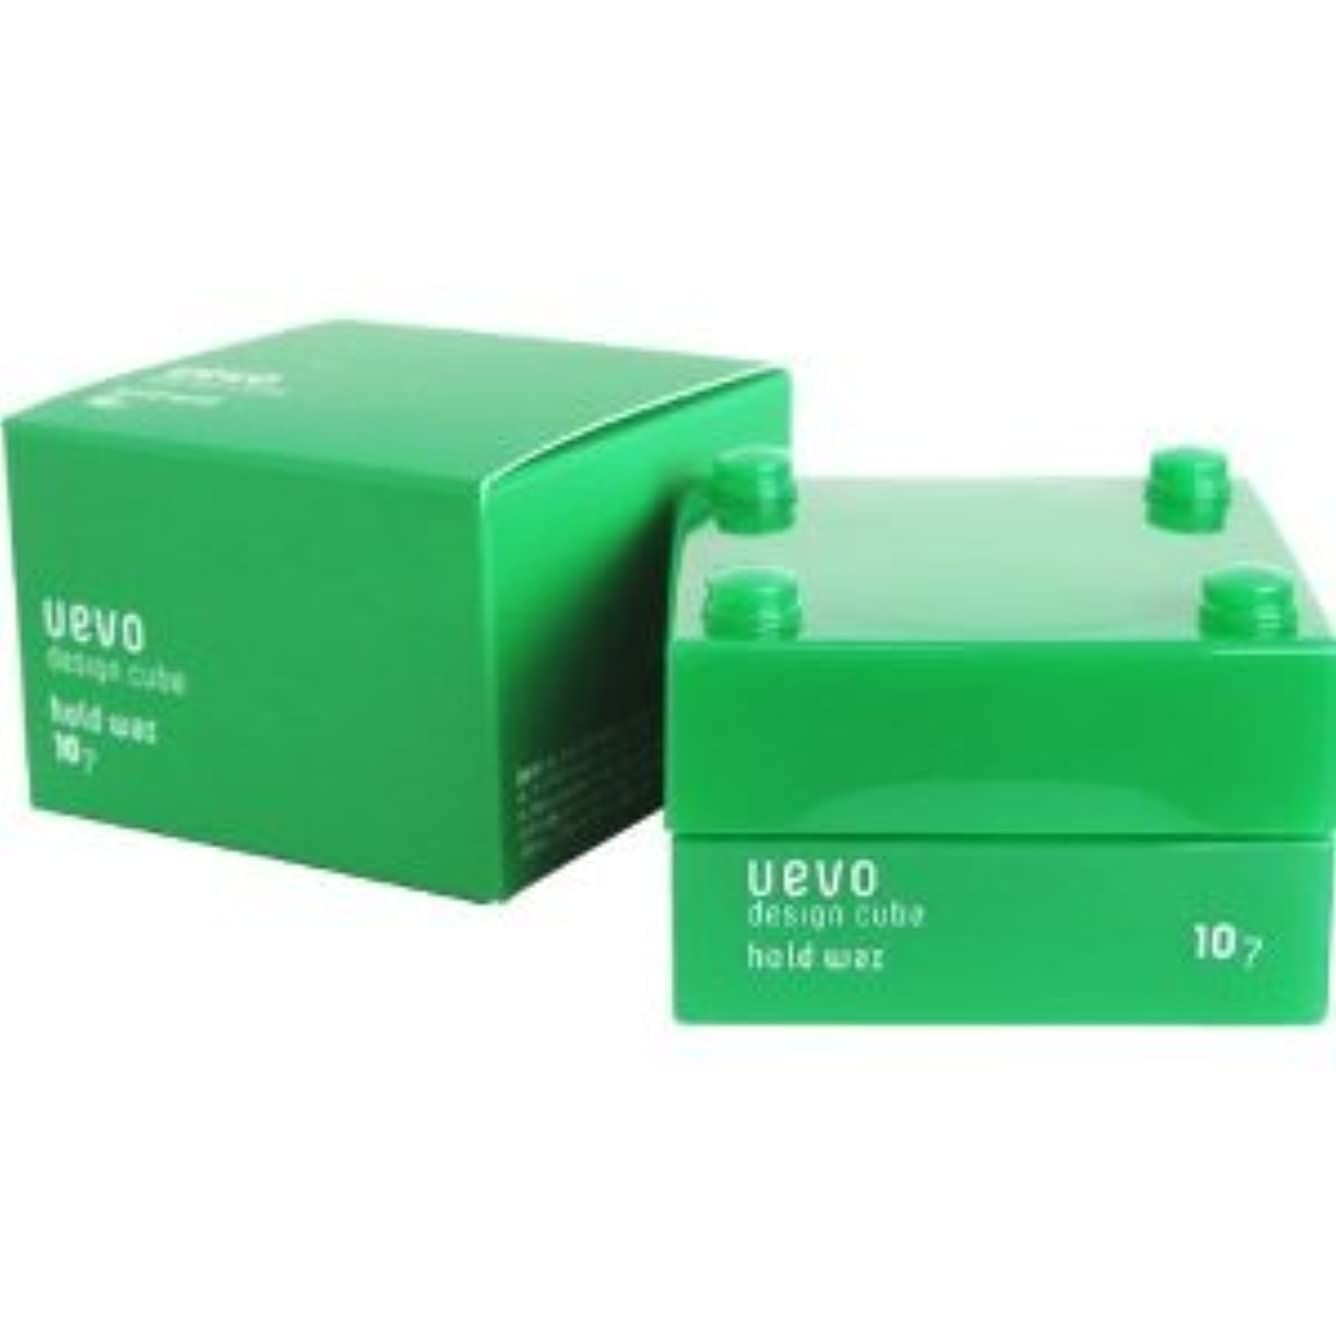 ブースト葉を集めるスペクトラム【X3個セット】 デミ ウェーボ デザインキューブ ホールドワックス 30g hold wax DEMI uevo design cube